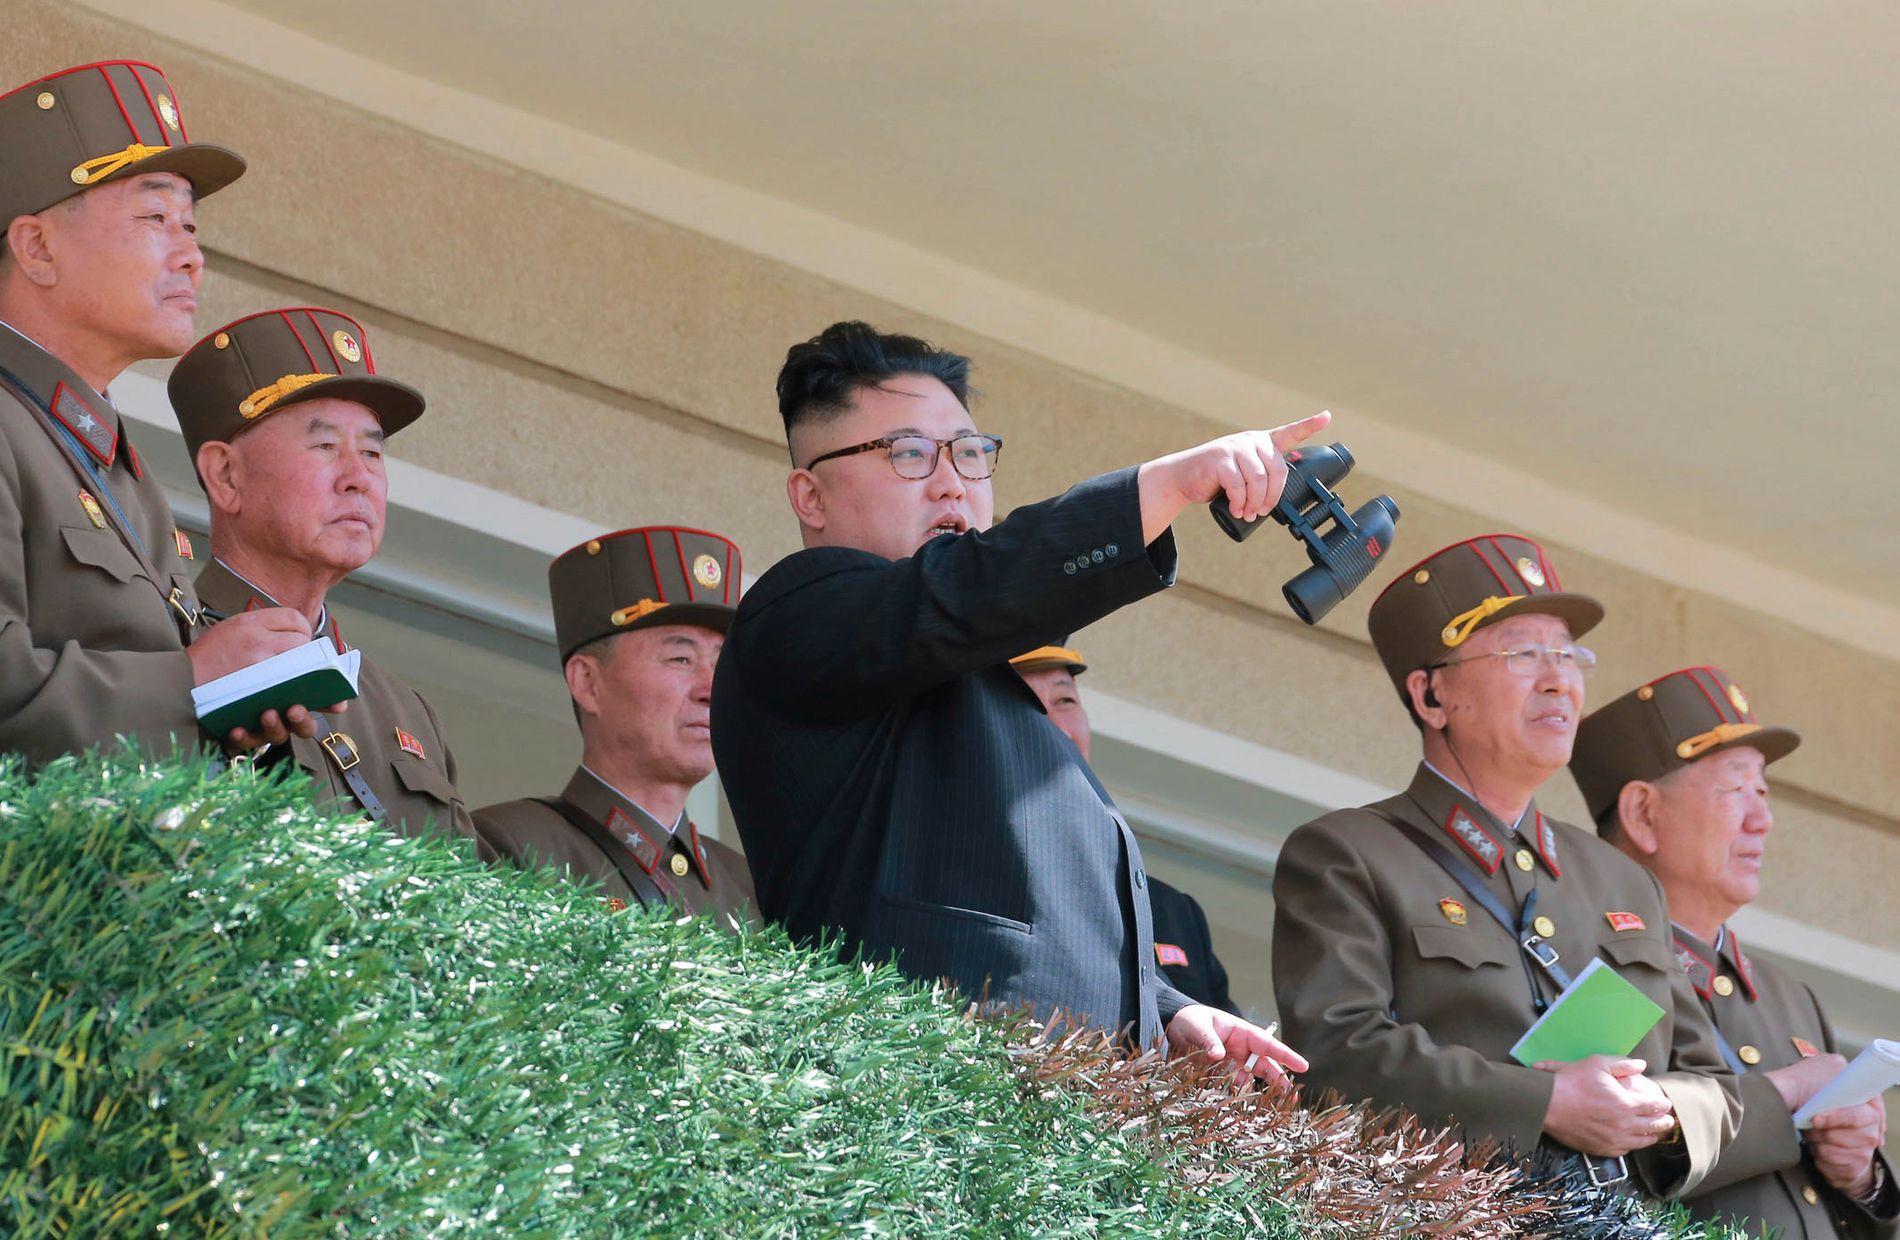 FRYKTER KRIG: Faren for full krig mellom Nord-Korea, Sør-Korea og USA har økt den siste tiden. Forskningsprofessor Stein Tønnesson ved PRIO frykter kolossale tap av menneskeliv. Bildet viser Nord-Koreas diktator Kim Jong-un.